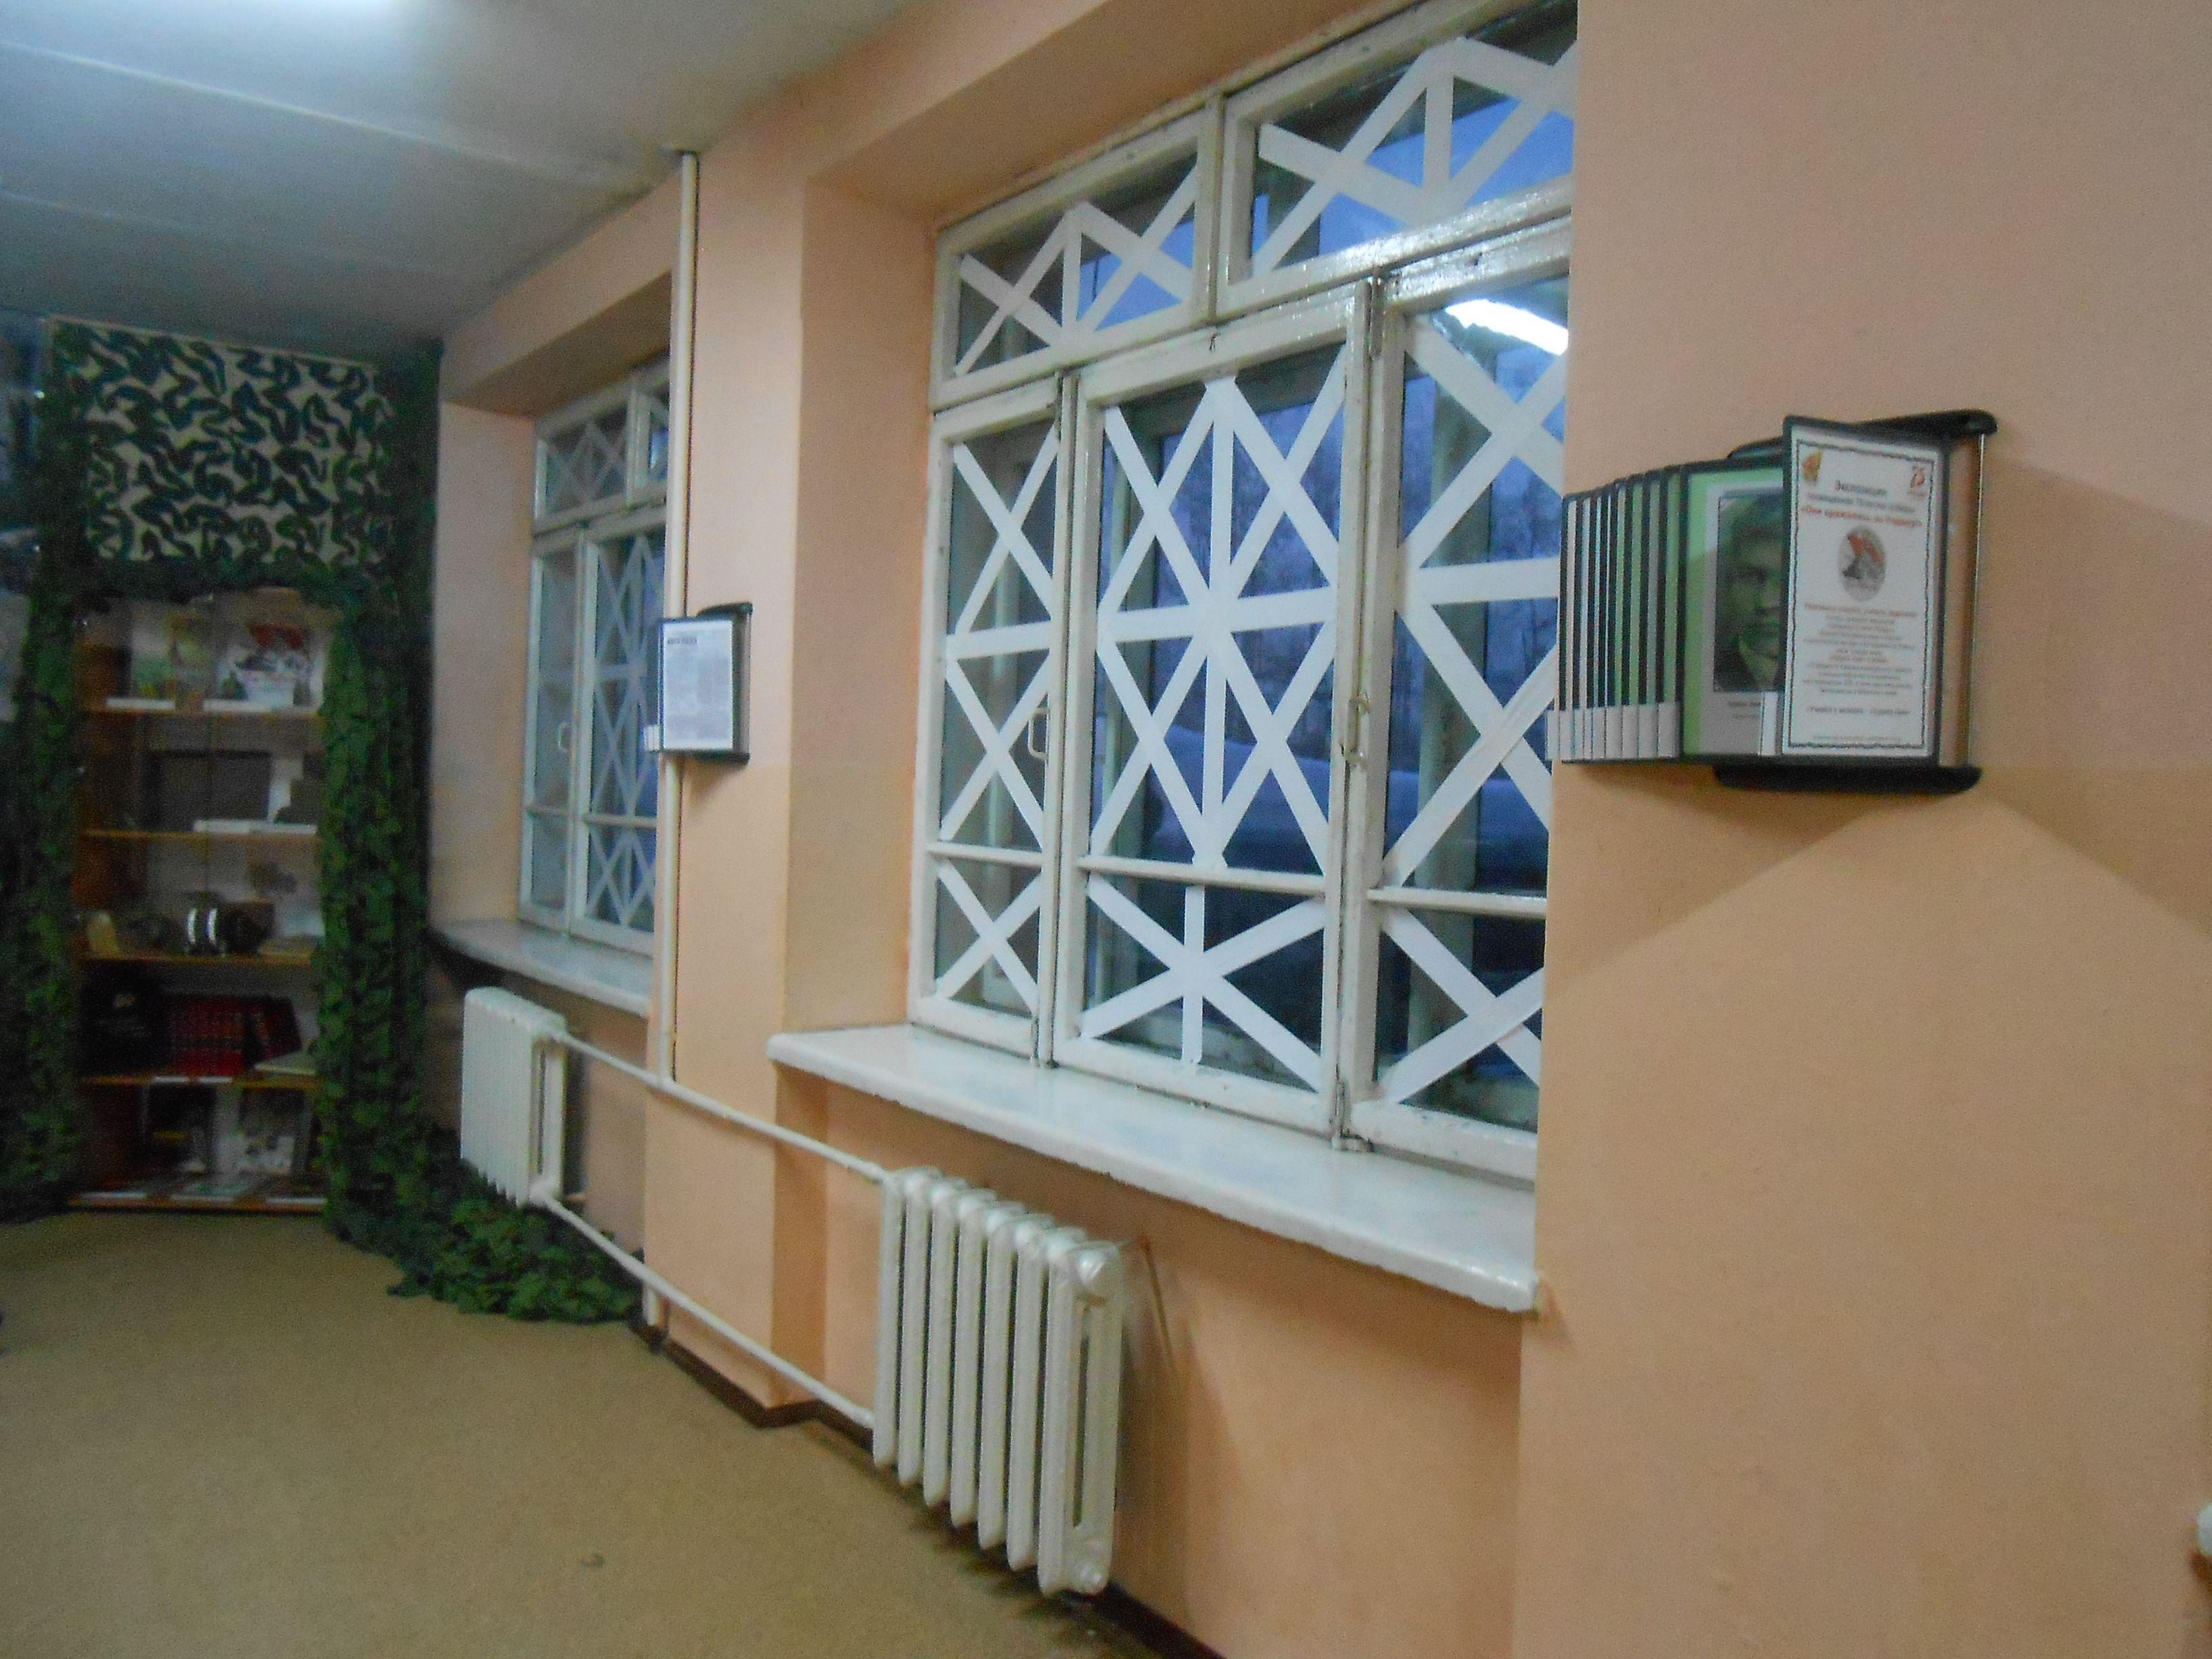 Окна в школьном коридоре